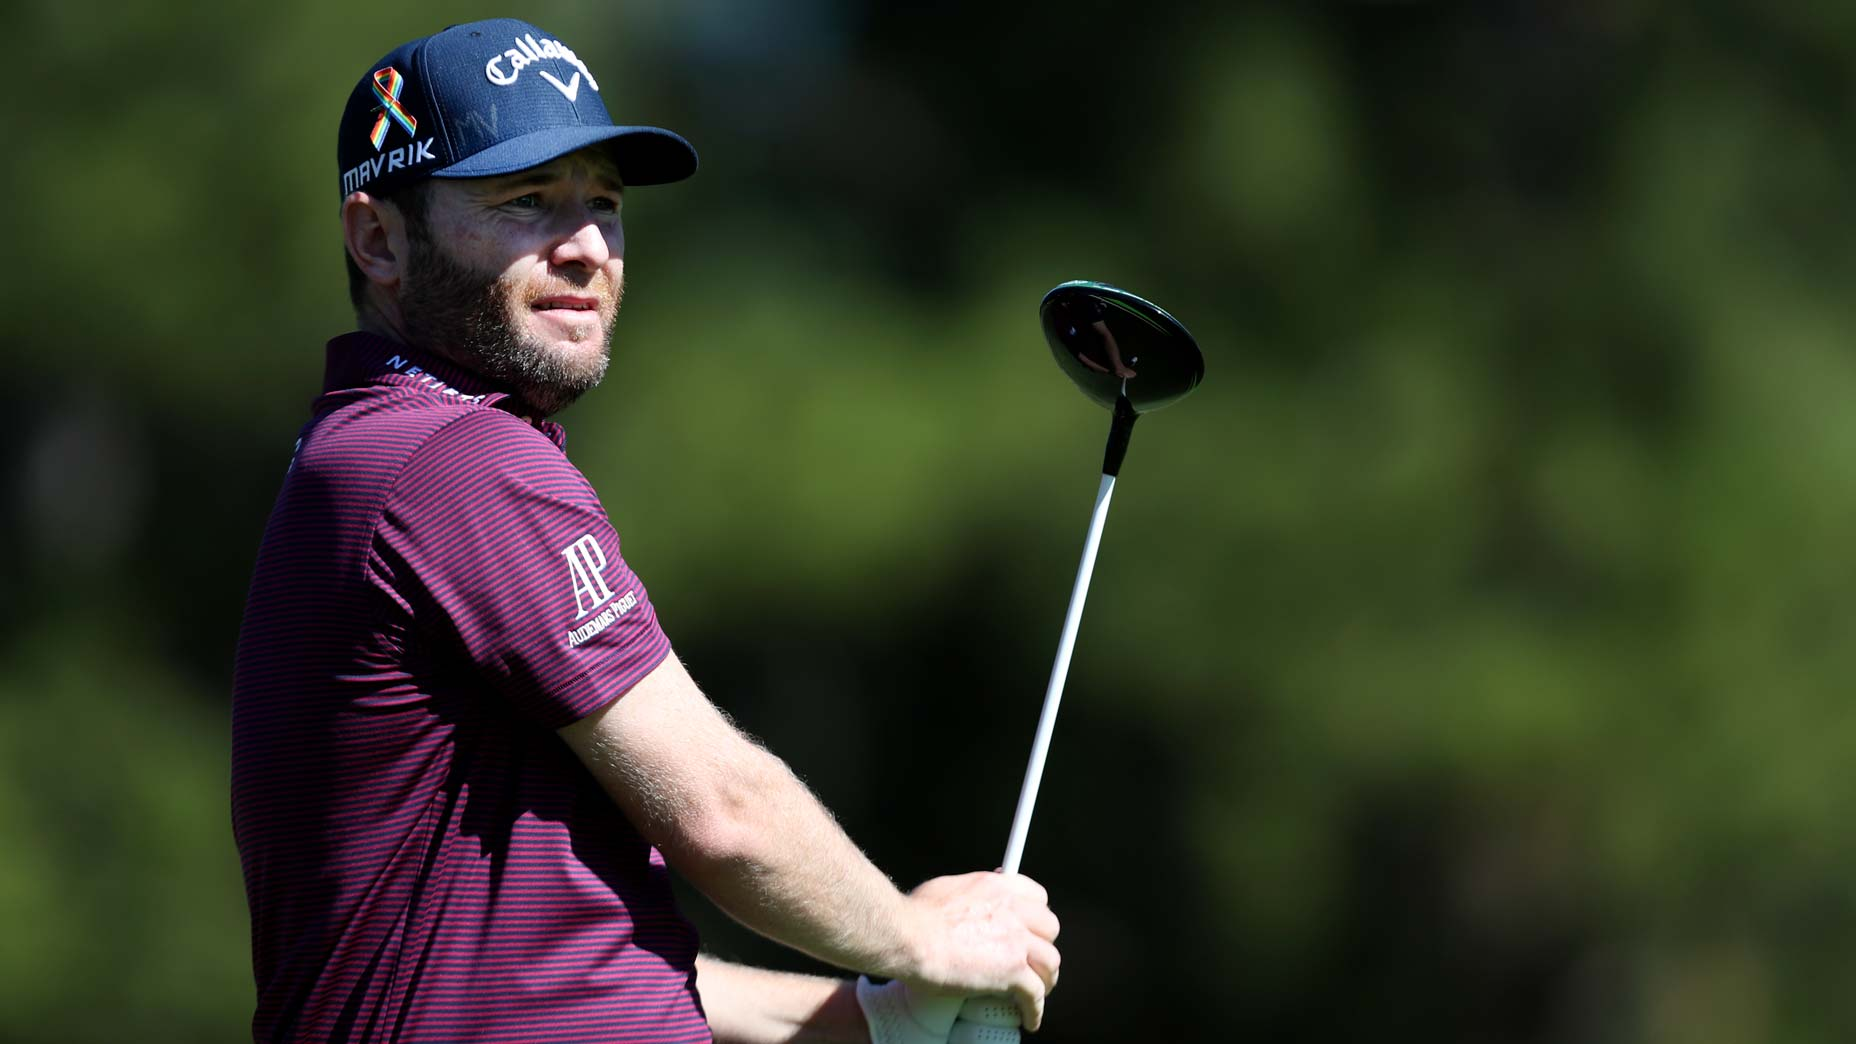 golf.com